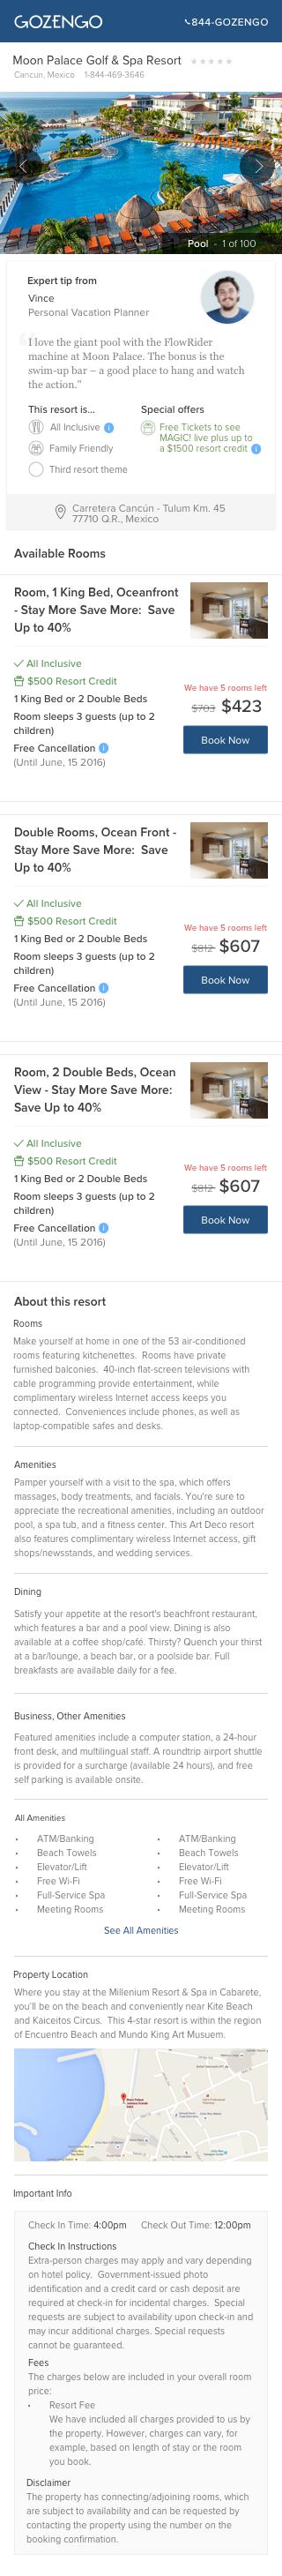 hotel_details_mobile.png